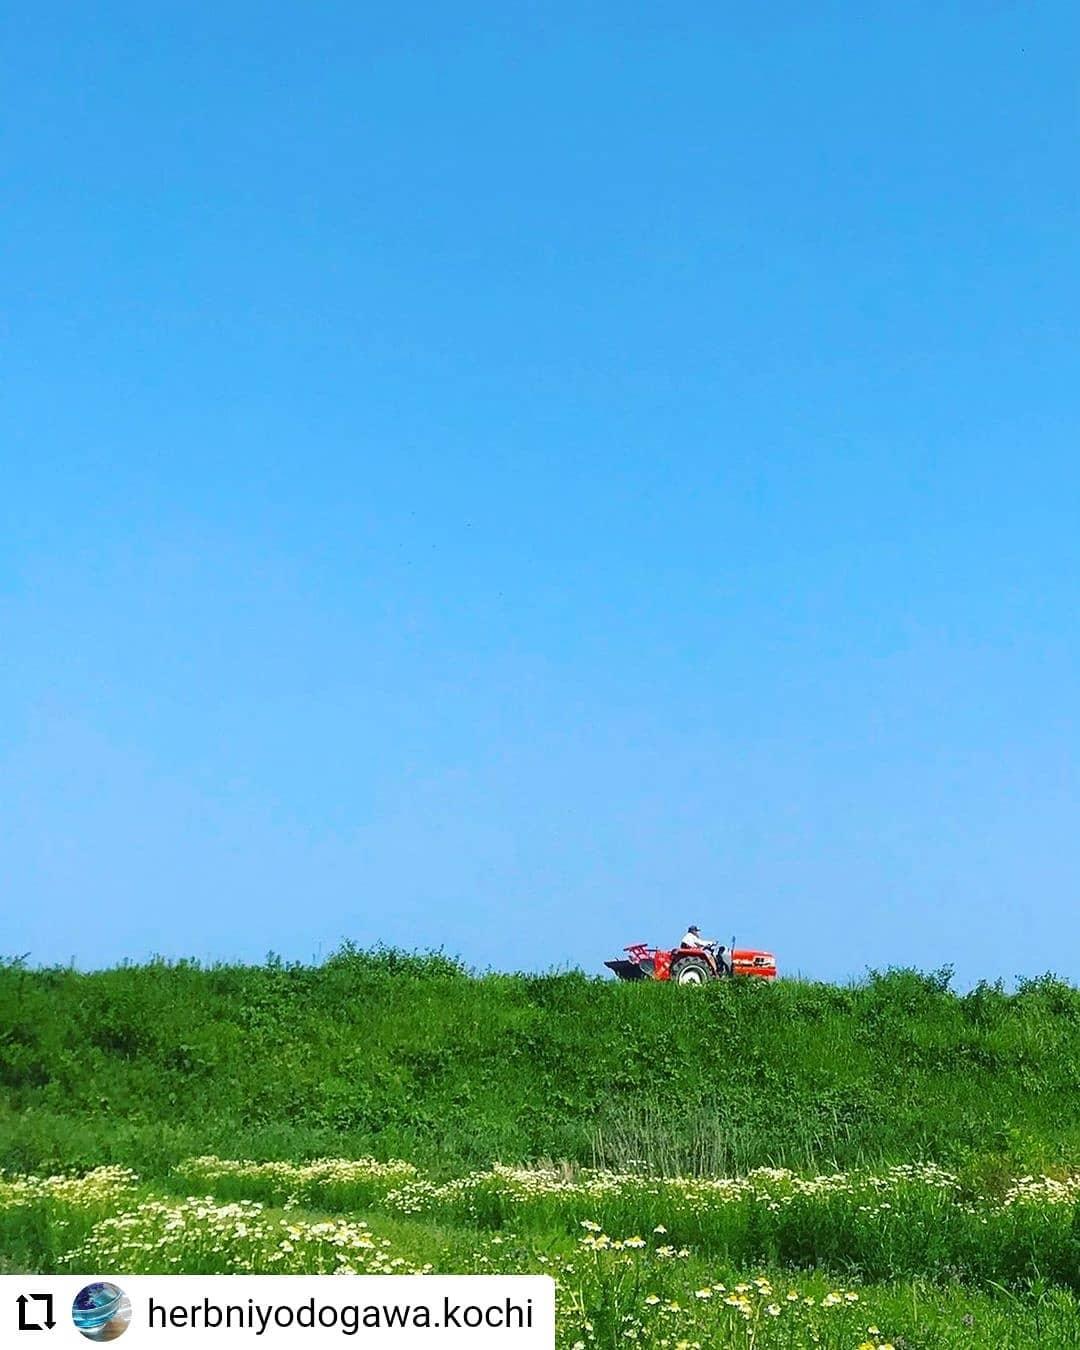 #Repost @herbniyodogawa.kochi…・・雨予報ですが、今週末も出店予定です5月14日 オーガニックマーケット池公園8時〜12時頃(予定)5月15日 日曜市追手筋沿いひろめ市場から高知城方面へ歩いて1分北側に出店8時〜12時頃(予定)よろしくお願いします!#赤いトラクター#トラクター#高知県産ハーブ#国産ハーブ#無農薬ハーブ#ハーブ#ハーブ仁淀川#高知県#ハーブ農家#ハーブ農園#ハーブ専門#ハーブのある暮らし#ハーブティー#ハーブティーのある暮らし#ブレンドハーブティー#ハーブブレンダー#料理用ハーブ#高知移住#ほどよい田舎暮らし#田舎暮らし#脱サラ農家#継業移住